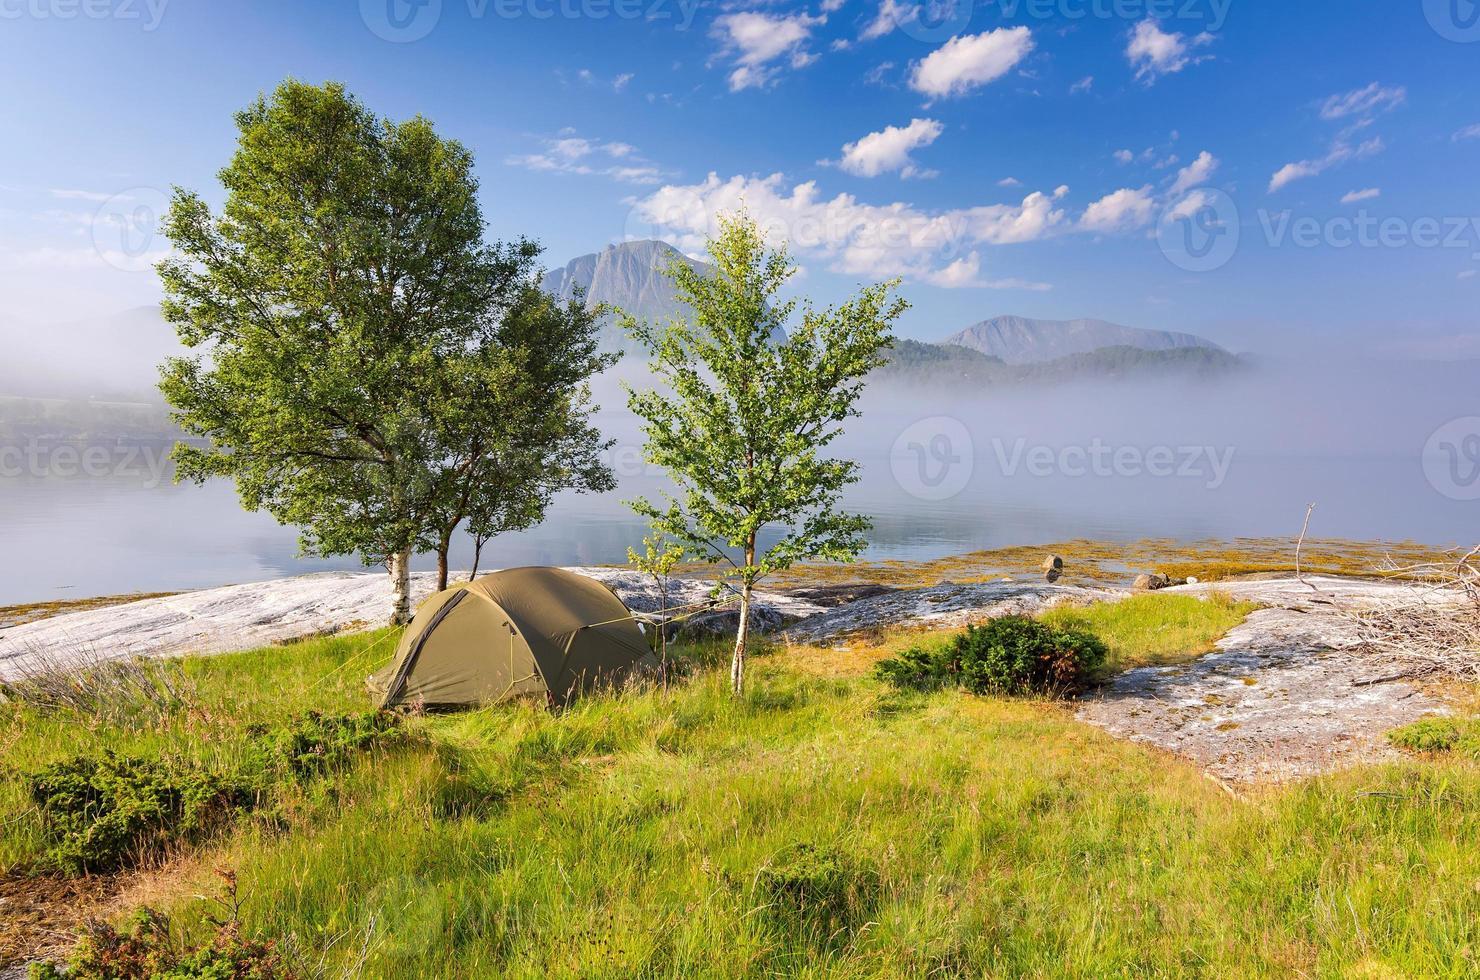 camp sauvage dans un magnifique paysage brumeux photo